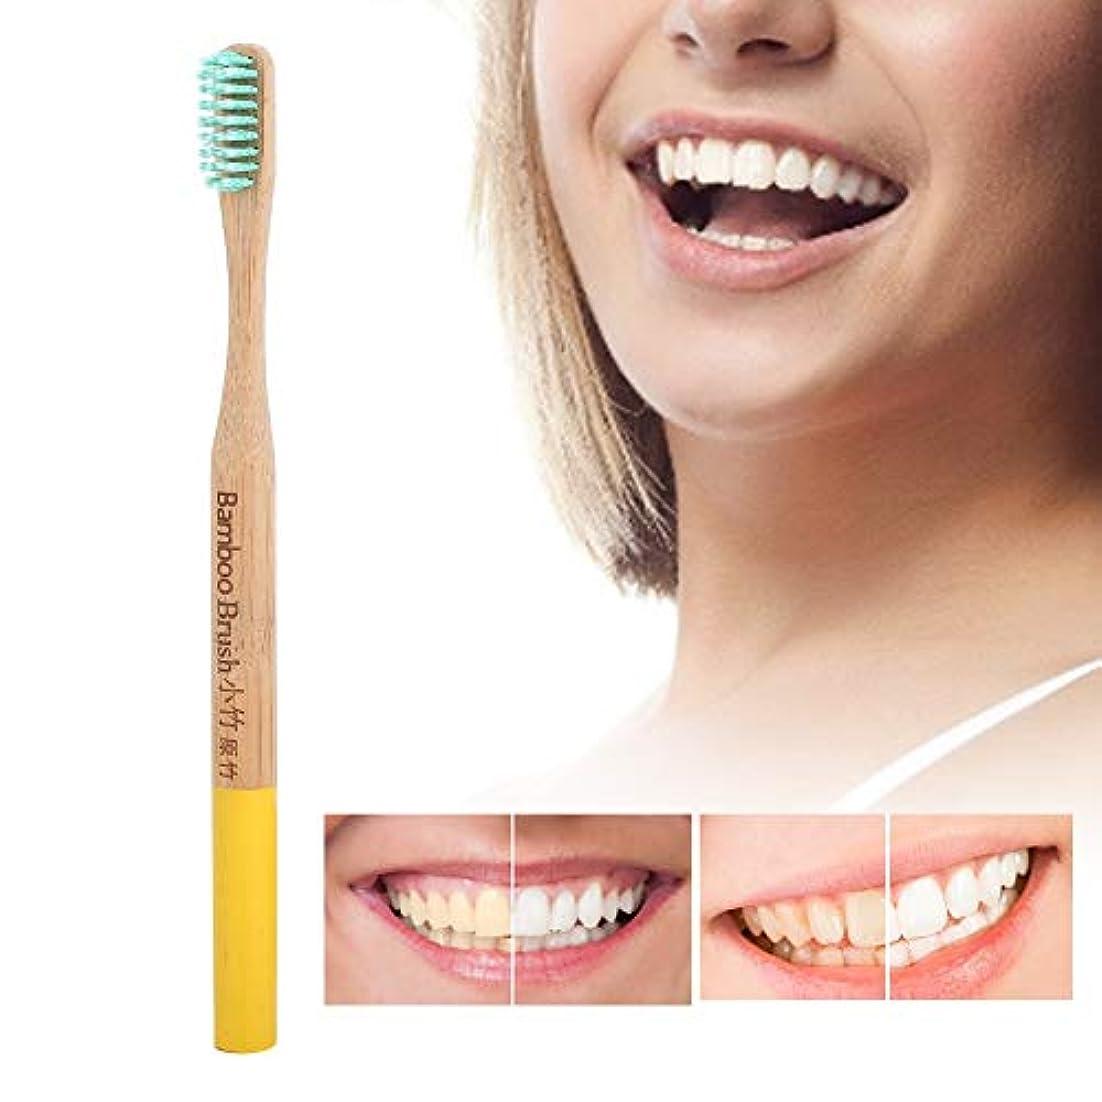 堀デンプシーただやる歯ブラシソフト細毛竹柄歯ブラシ国内タイプ